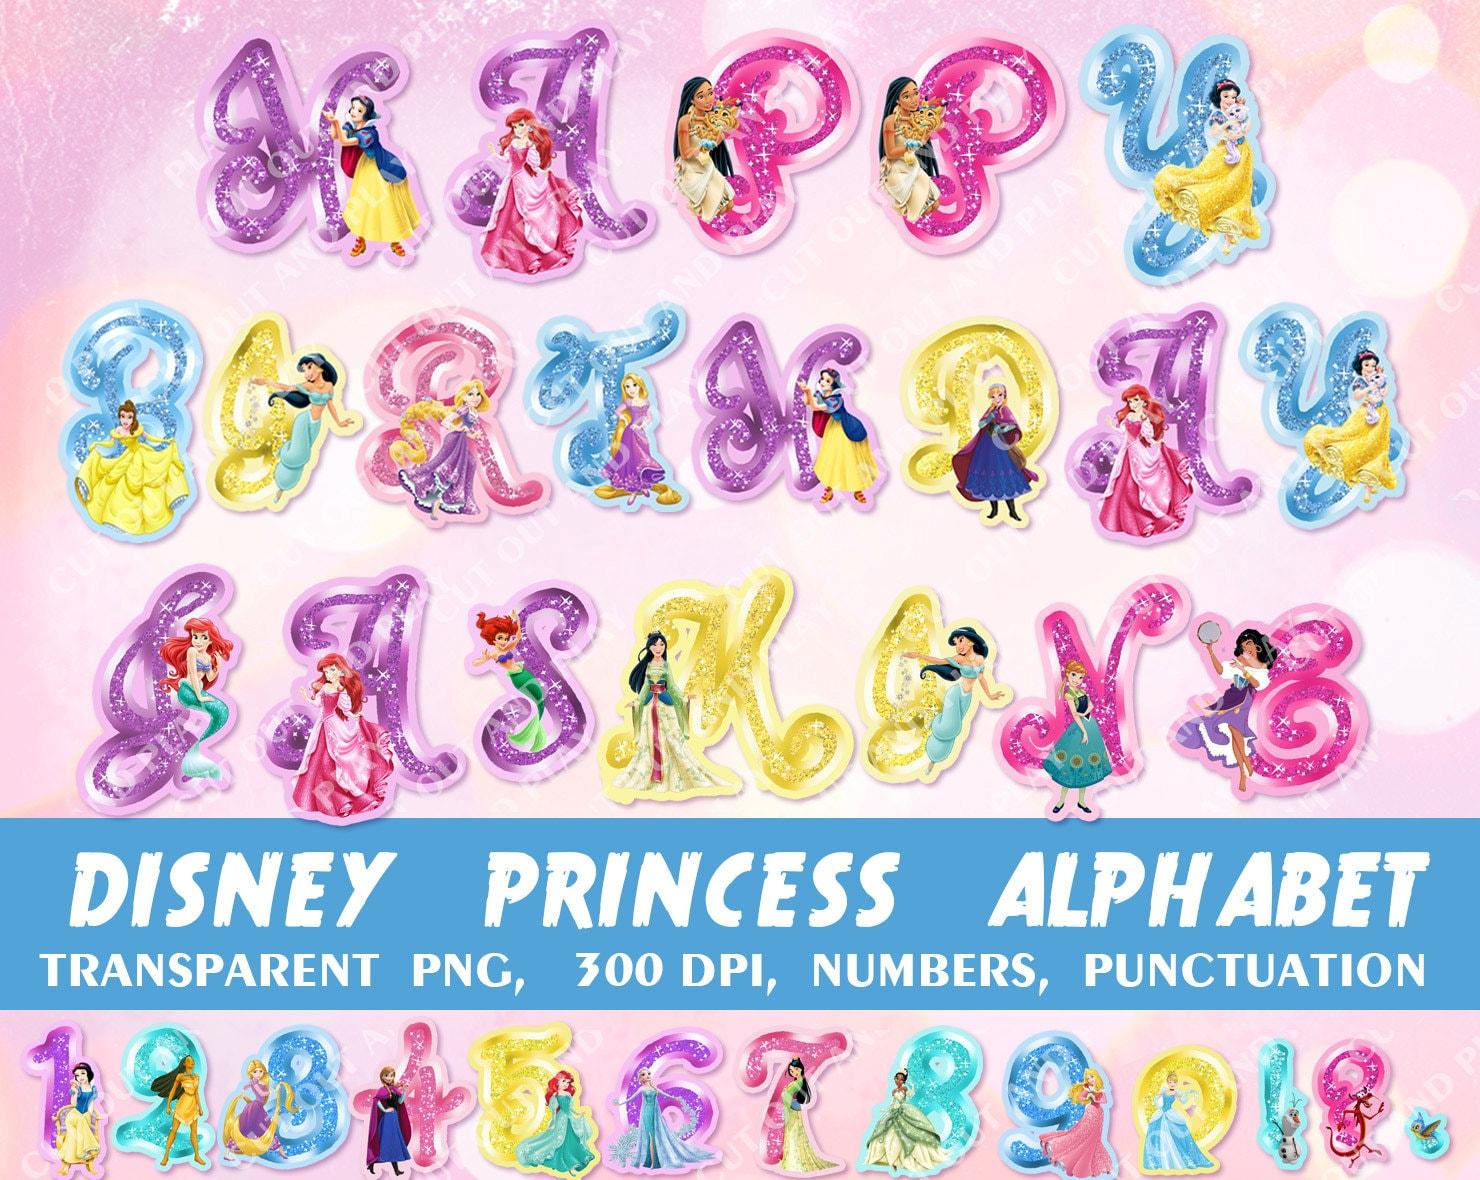 Disney Princess Alphabet Coloring Pages